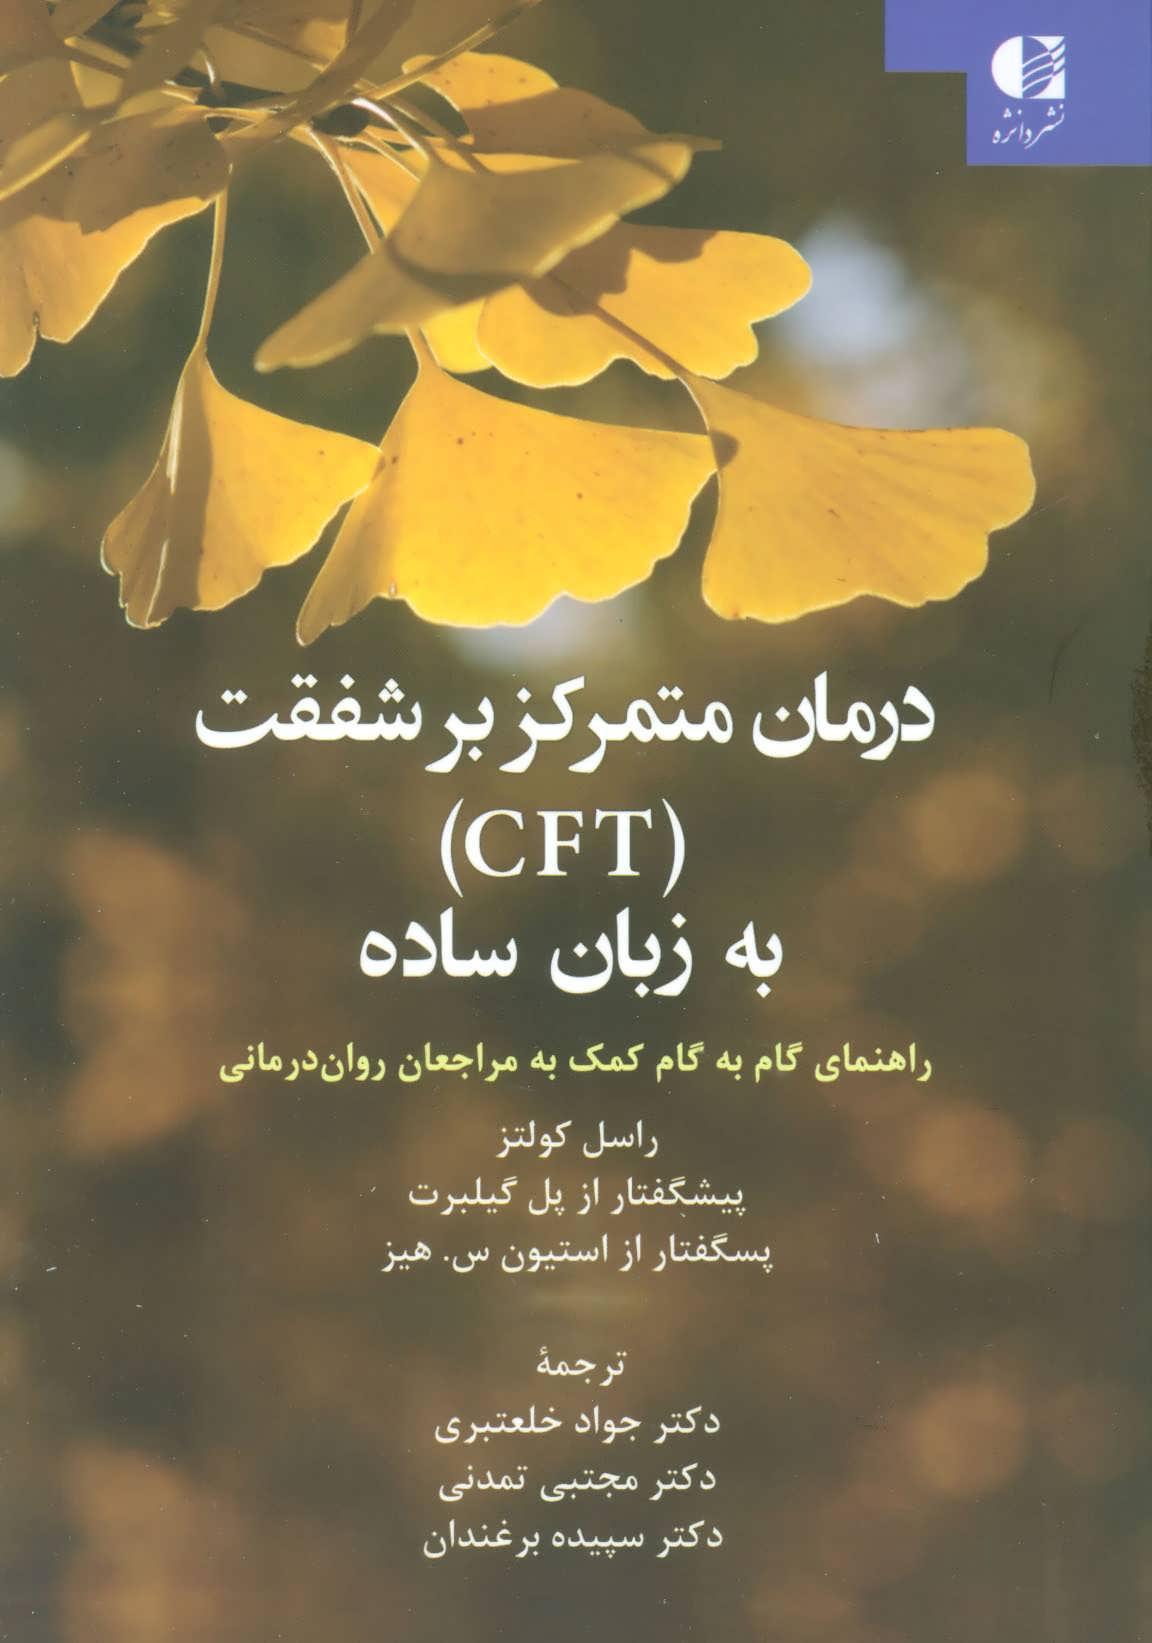 کتاب درمان متمرکز بر شفقت (CFT) به ربان ساده…